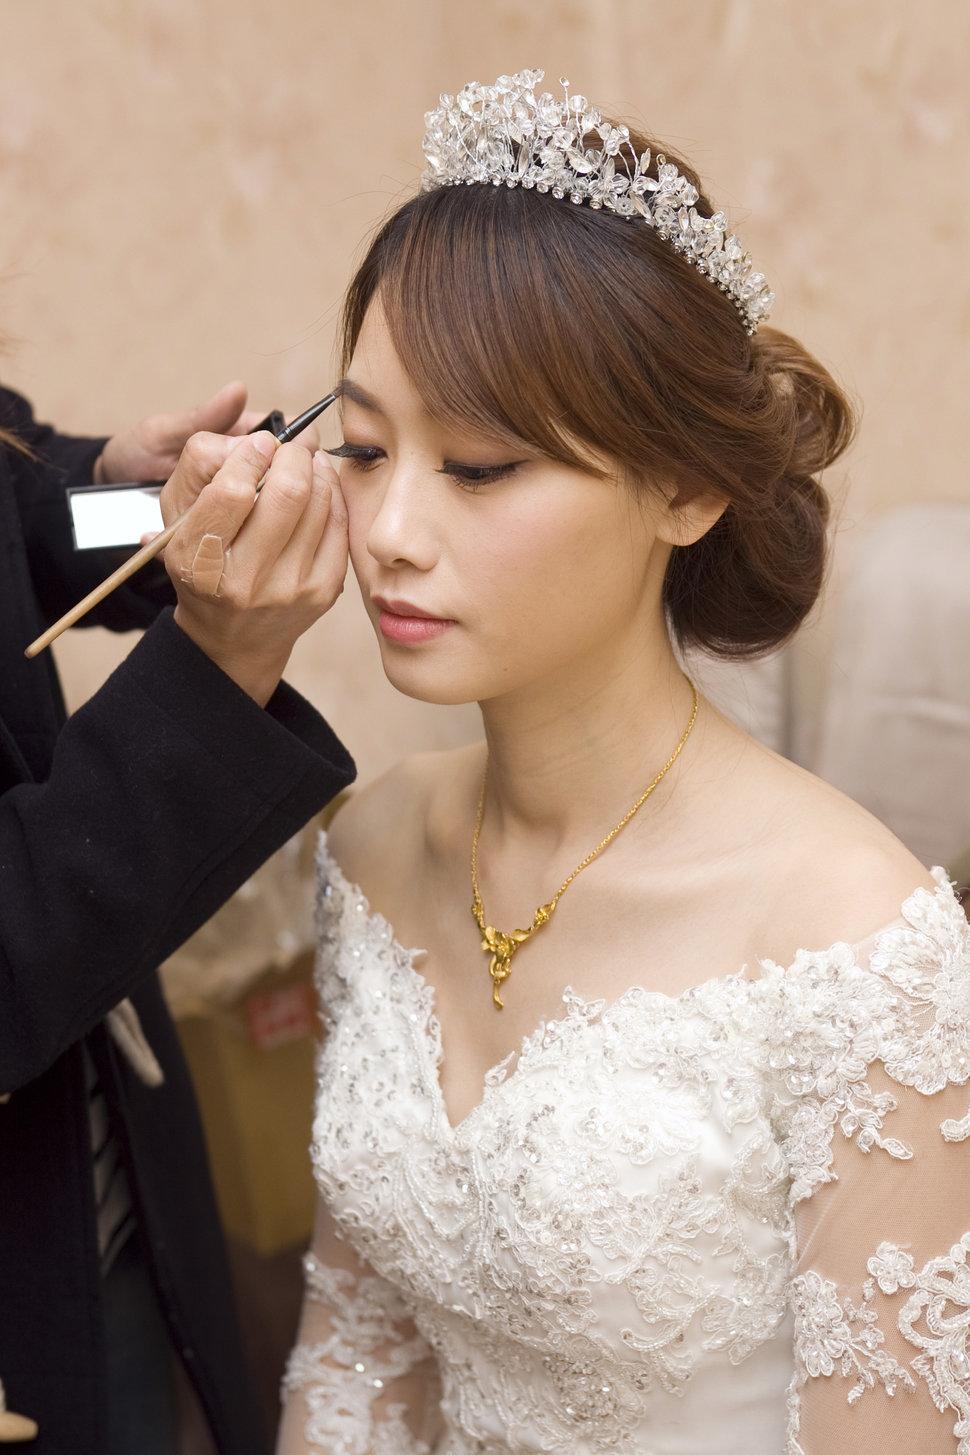 蓓麗宛婚禮事業(編號:559013) - 蓓麗宛婚禮時尚 - 結婚吧